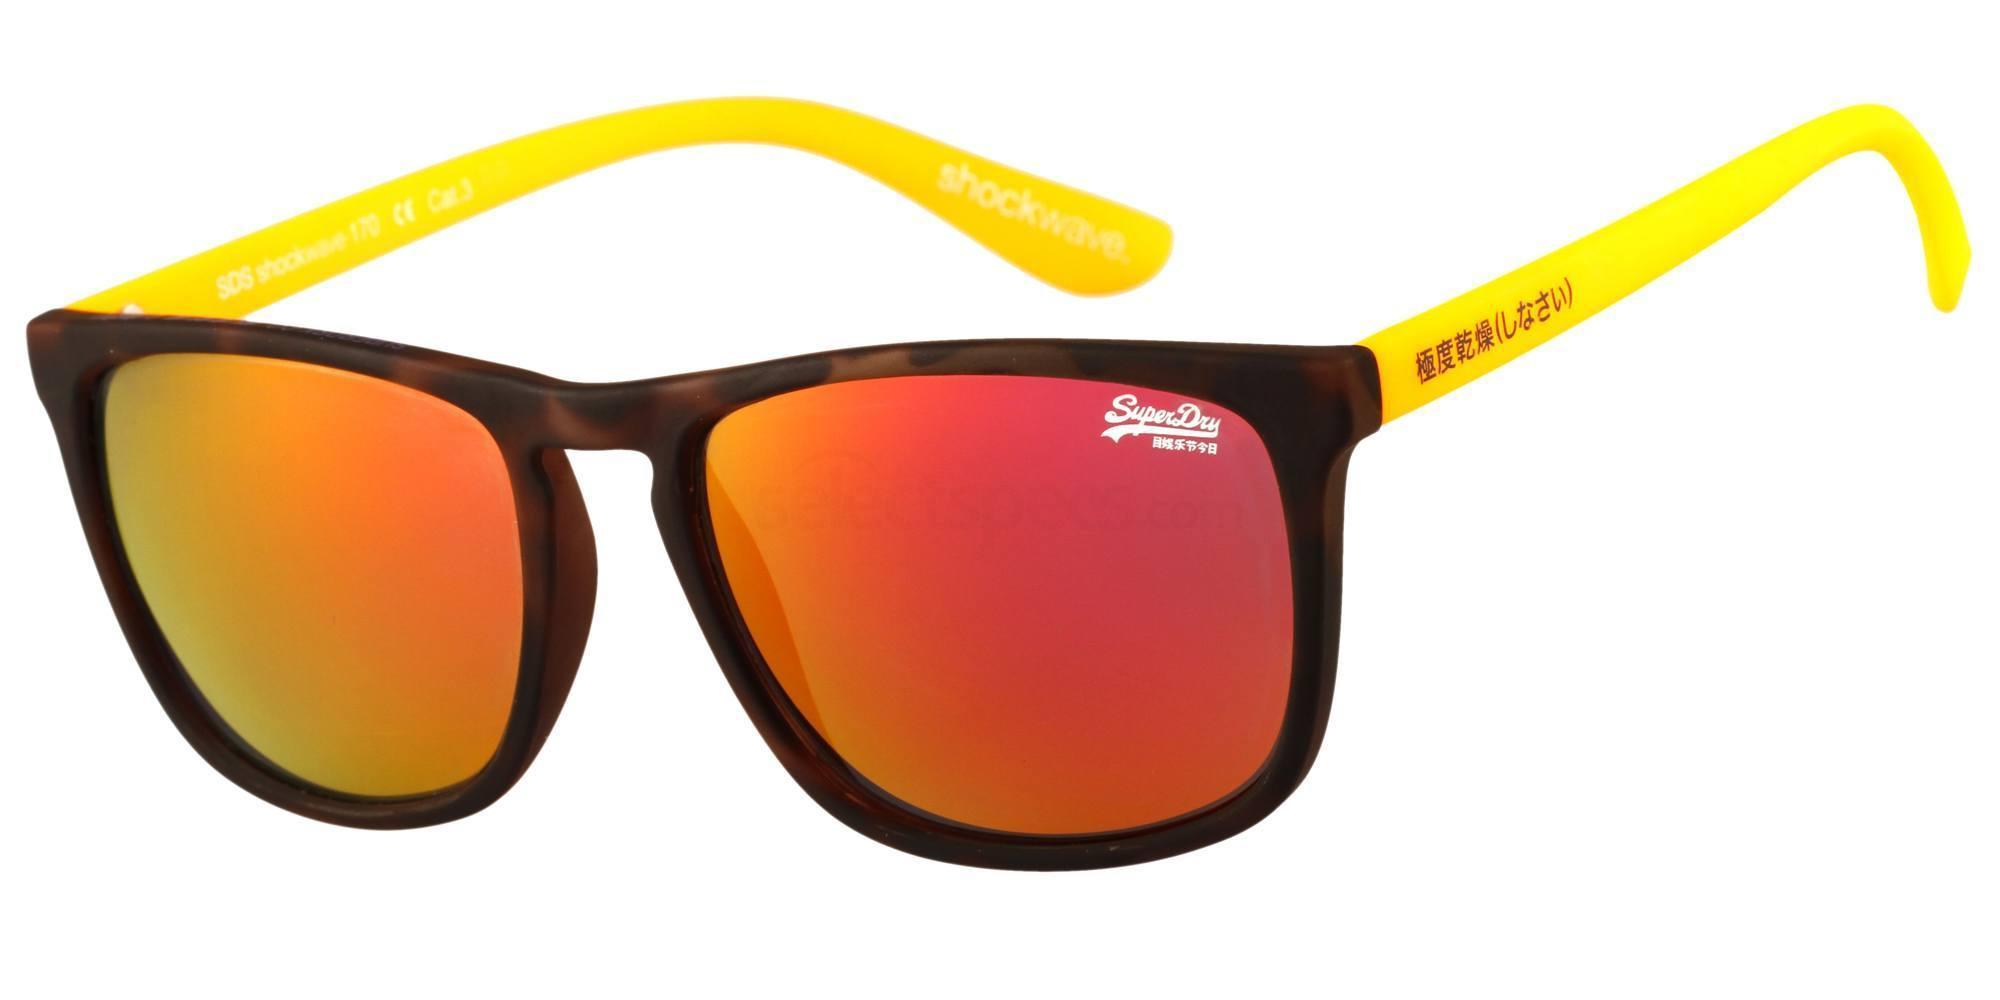 170 SDS-SHOCKWAVE ST Sunglasses, Superdry